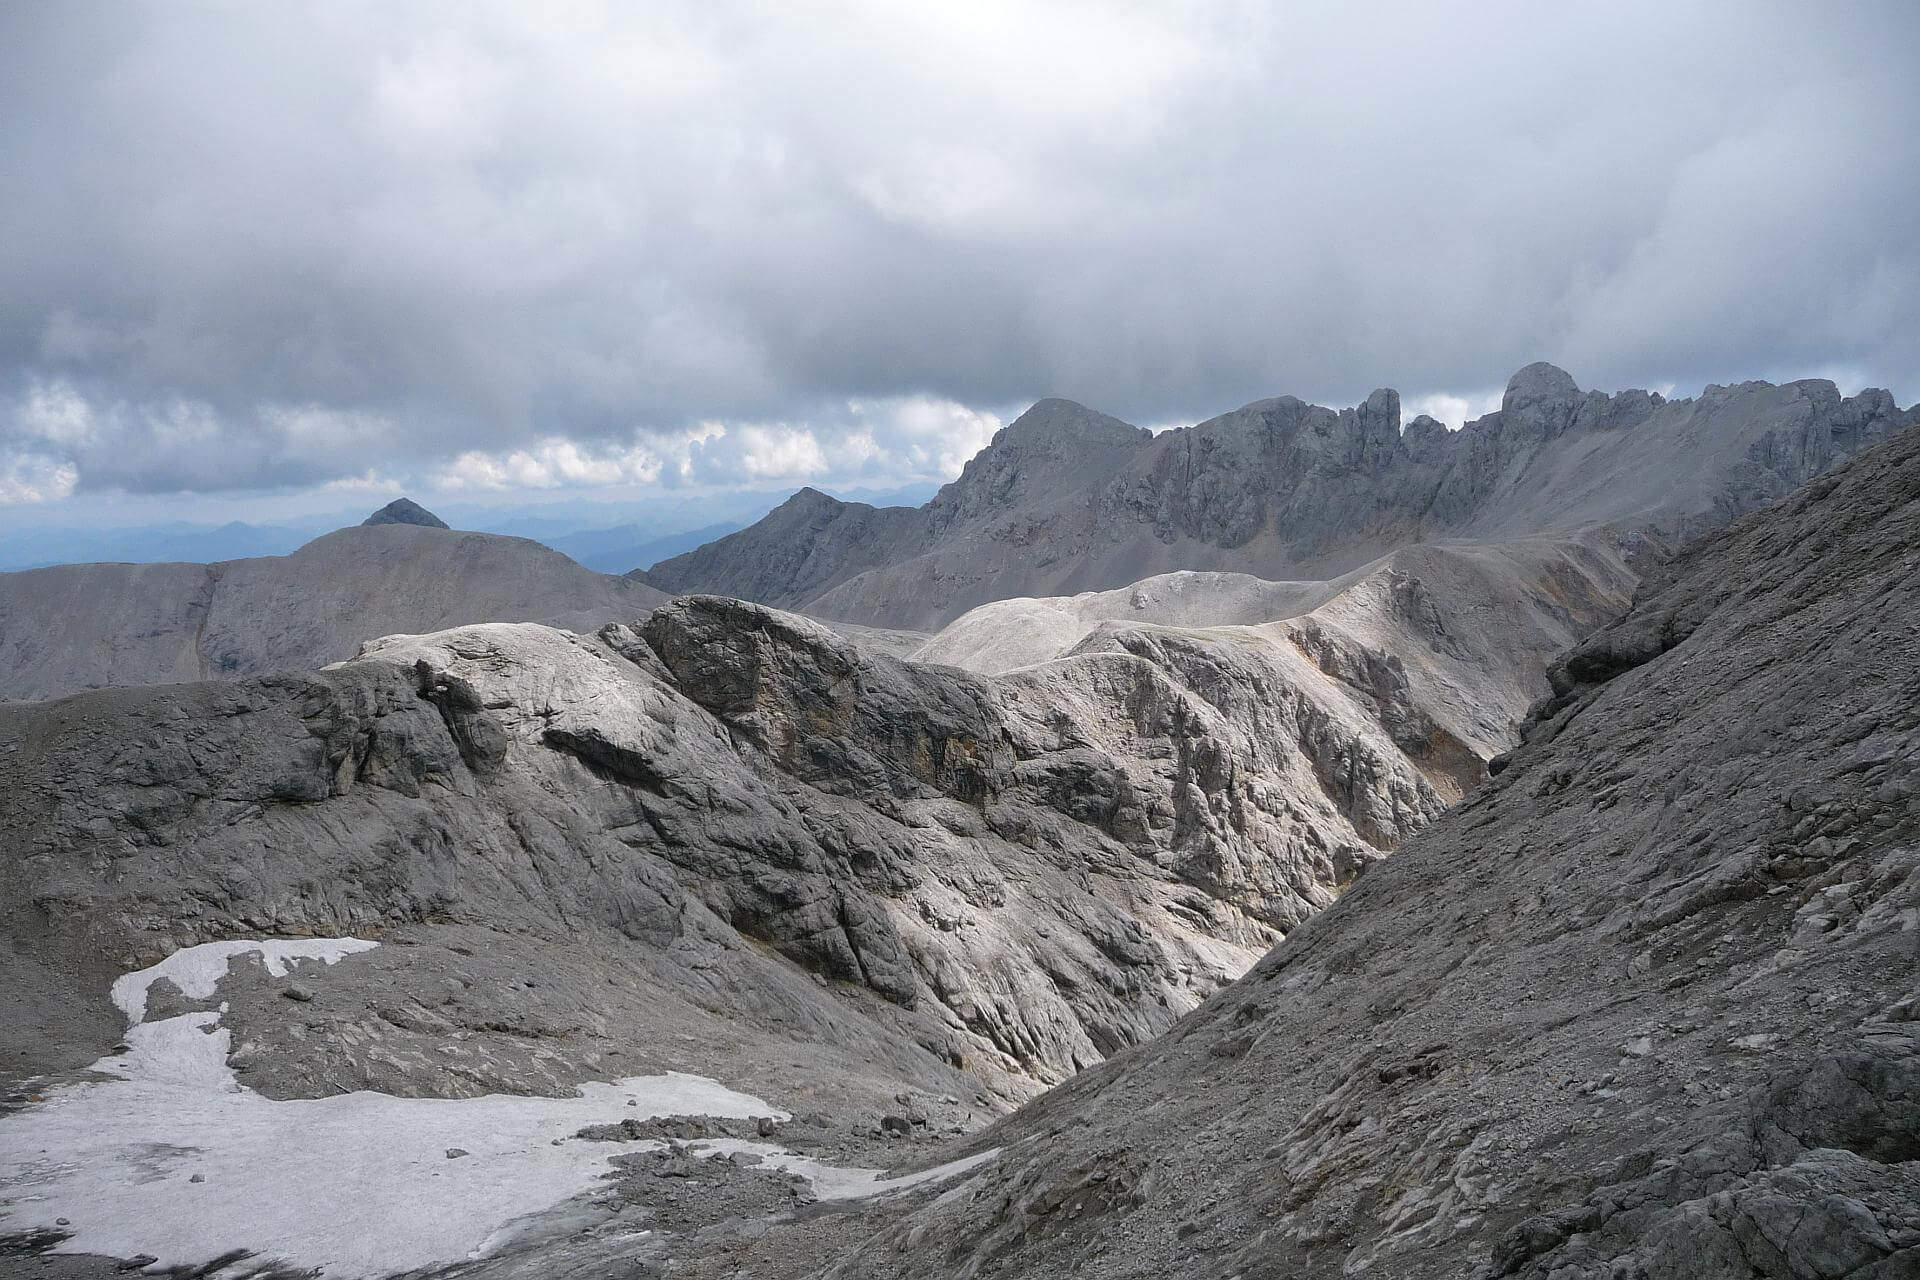 Blick zurück von halber Höhe auf die Austria Scharte: Links unten der Edelrießgletscher, hinten der Ramsauer Klettersteig.